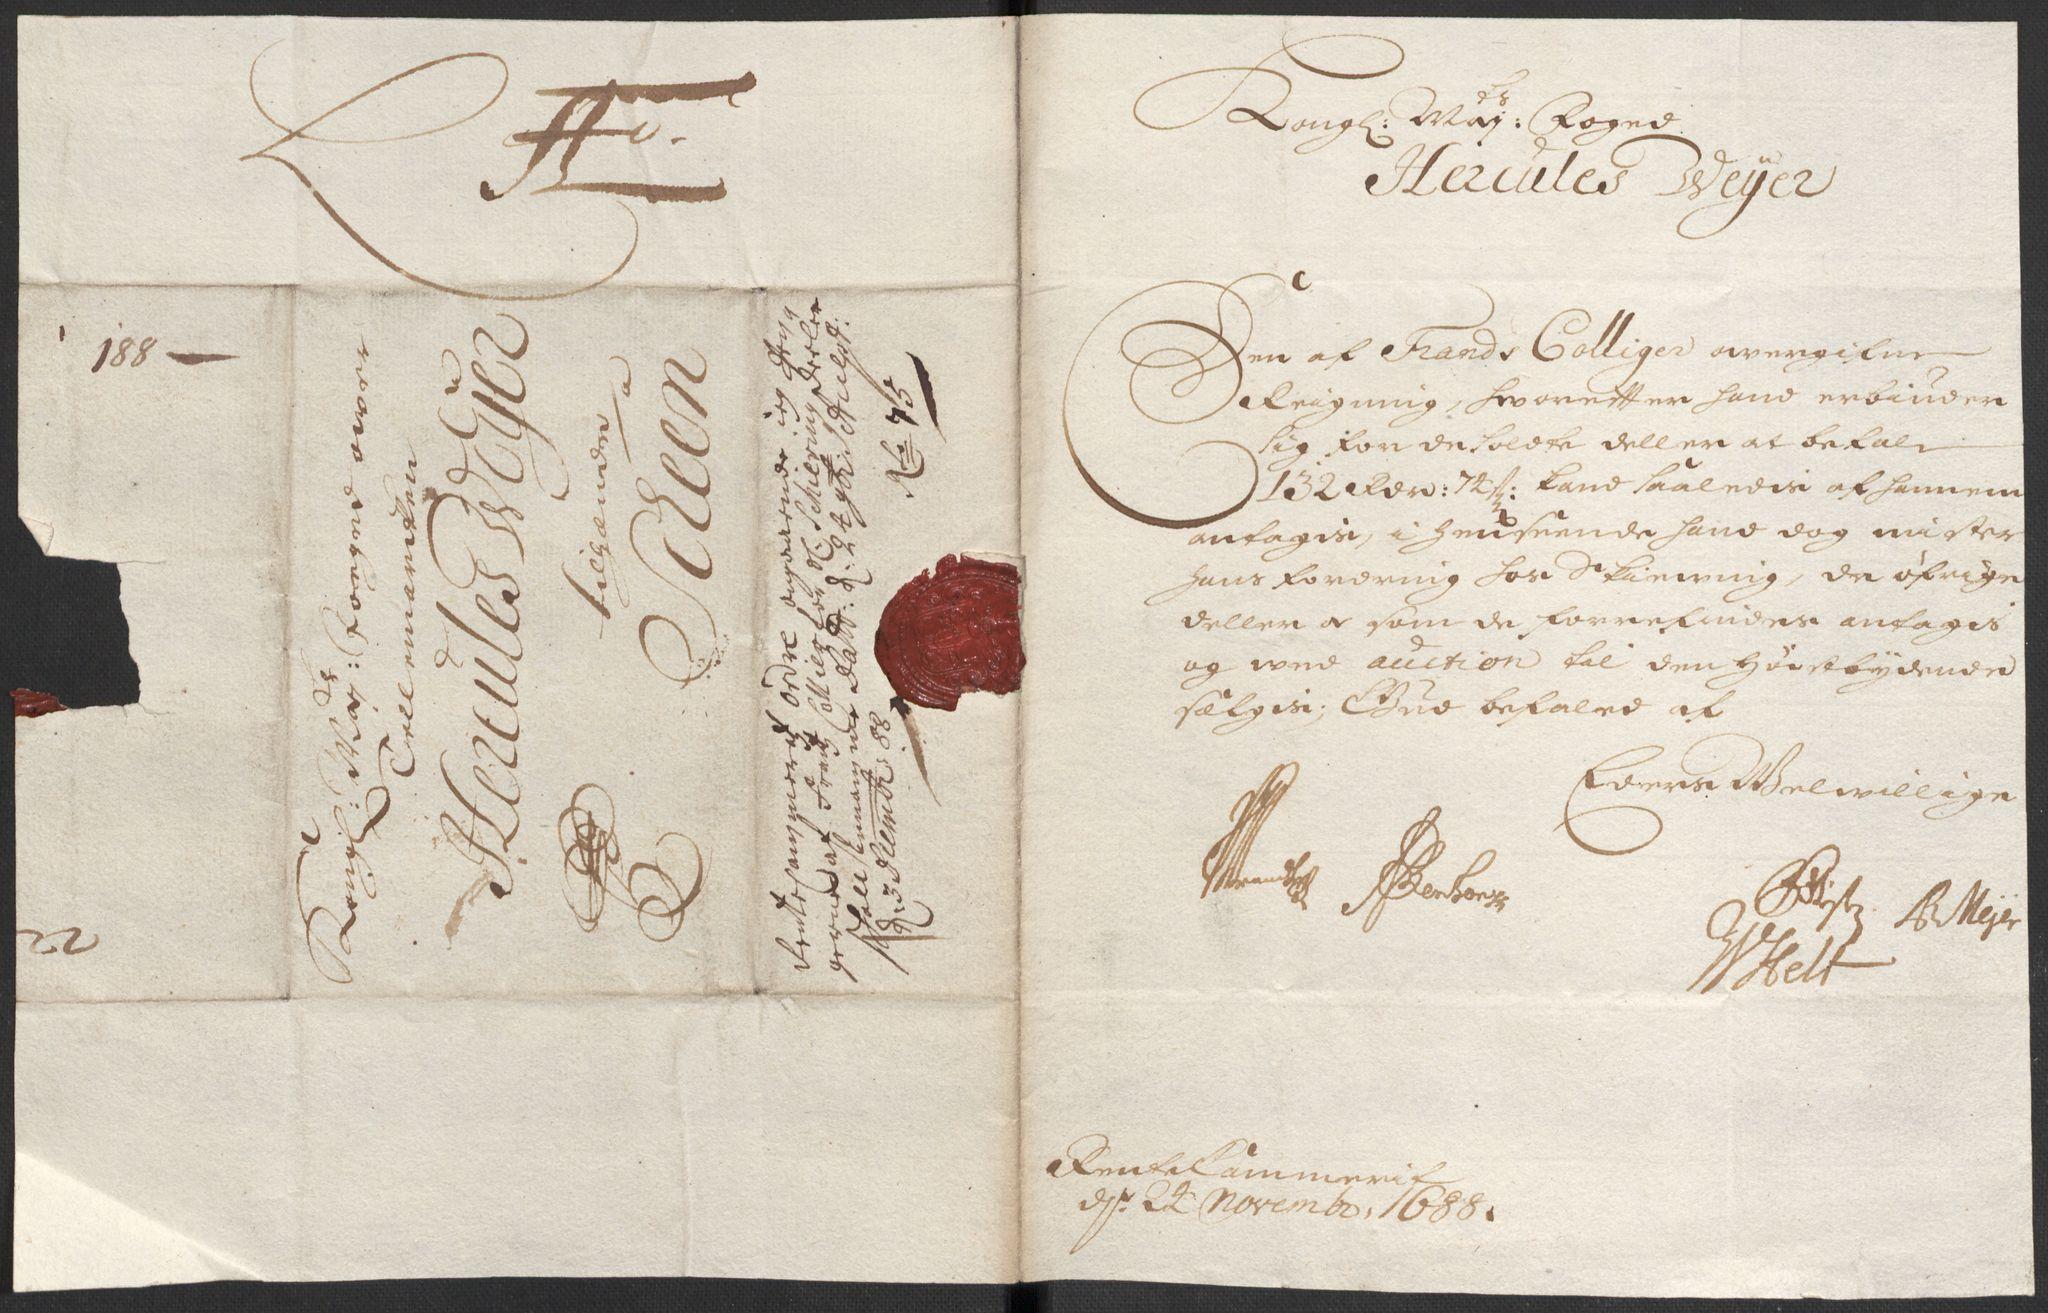 RA, Rentekammeret inntil 1814, Reviderte regnskaper, Fogderegnskap, R35/L2087: Fogderegnskap Øvre og Nedre Telemark, 1687-1689, s. 409